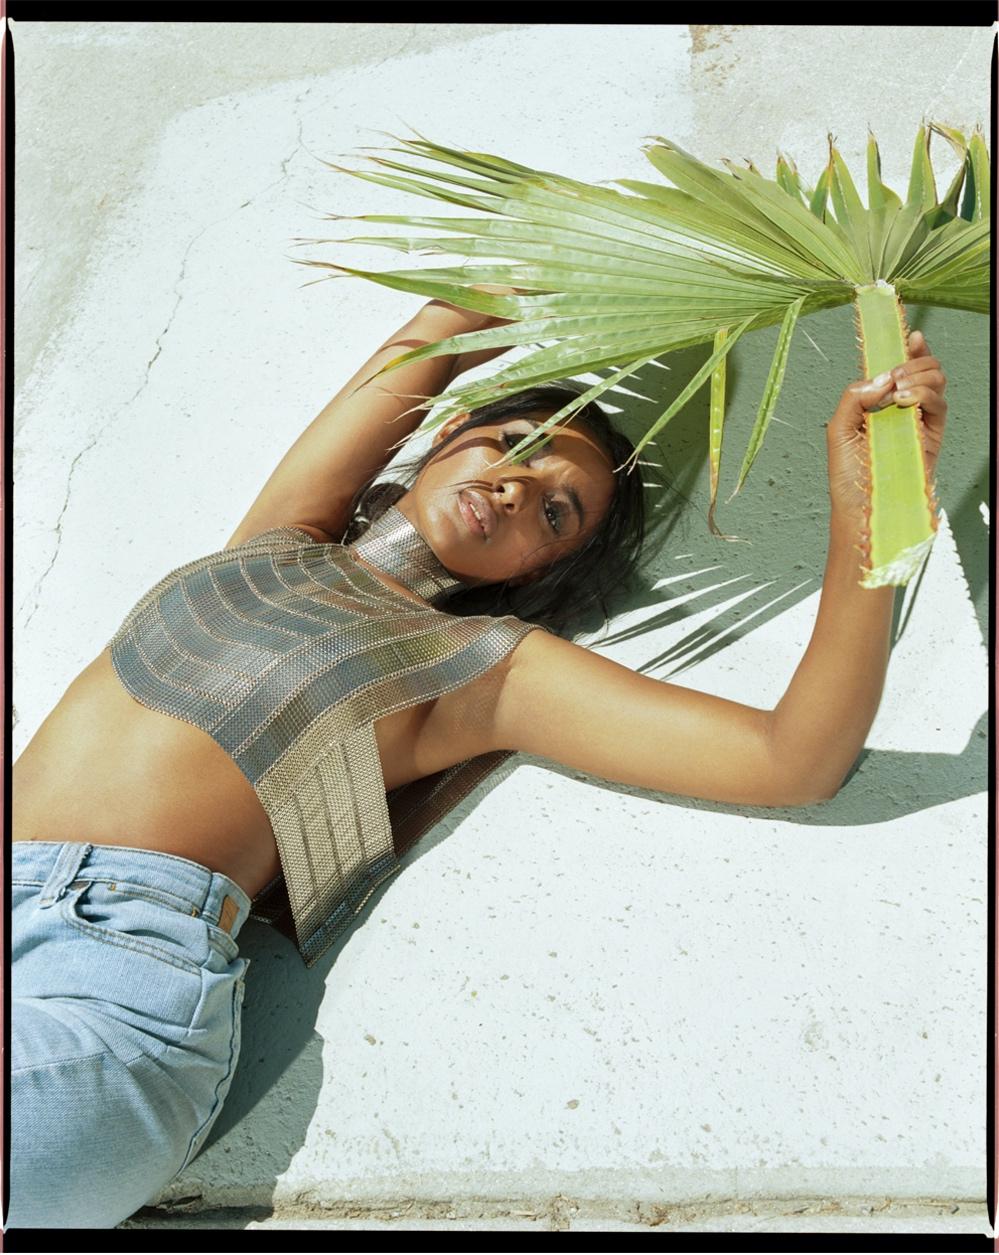 bianca-armer-sheen-shawlace-palm-leaf.jpg